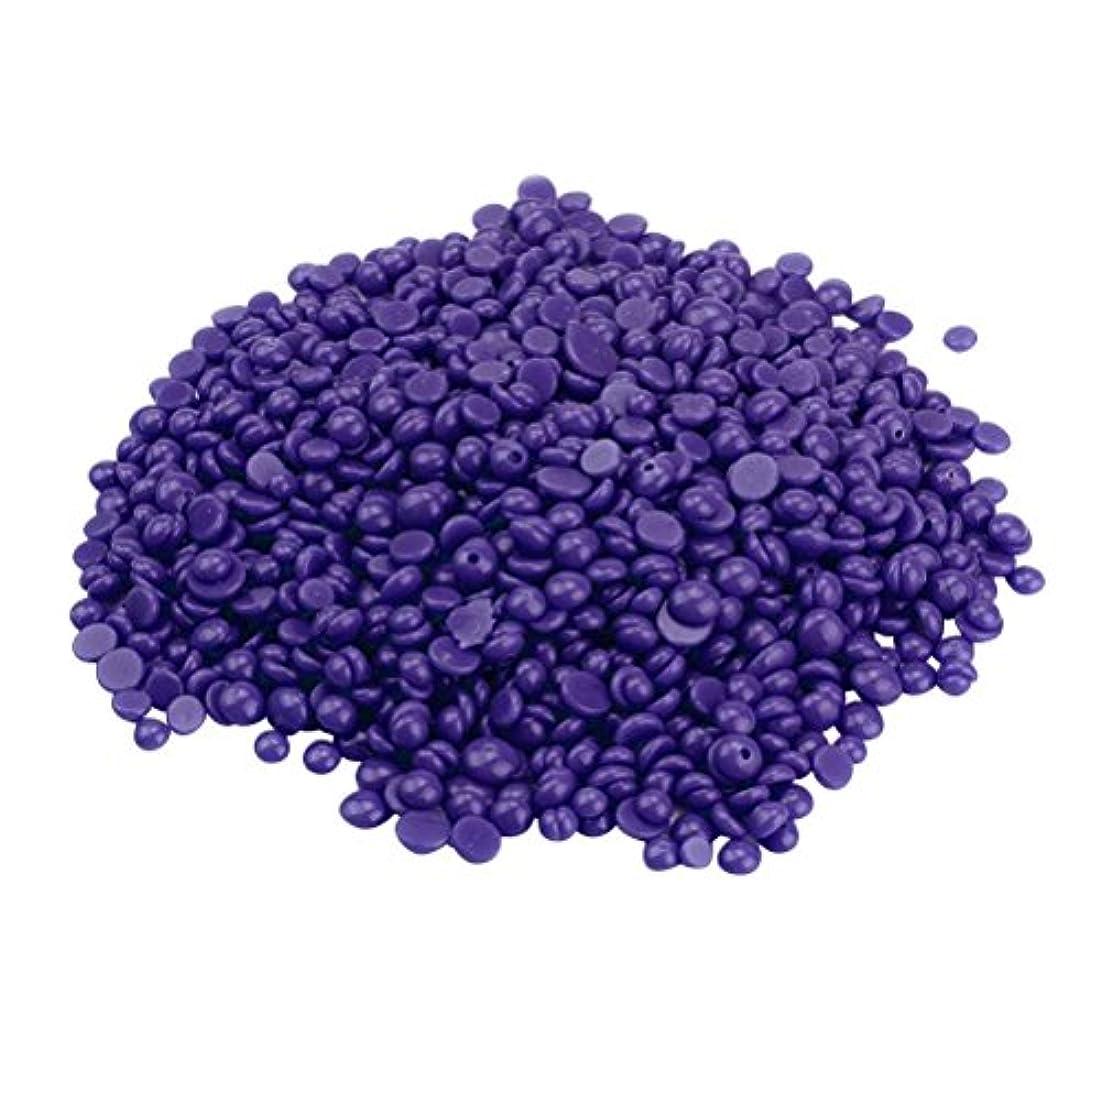 シャンプーオフェンスペンスROSENICE ハードワックス豆 脚の脱毛 いいえストリップ脱揮発性のパール 辛い 脱毛 400g(紫の)